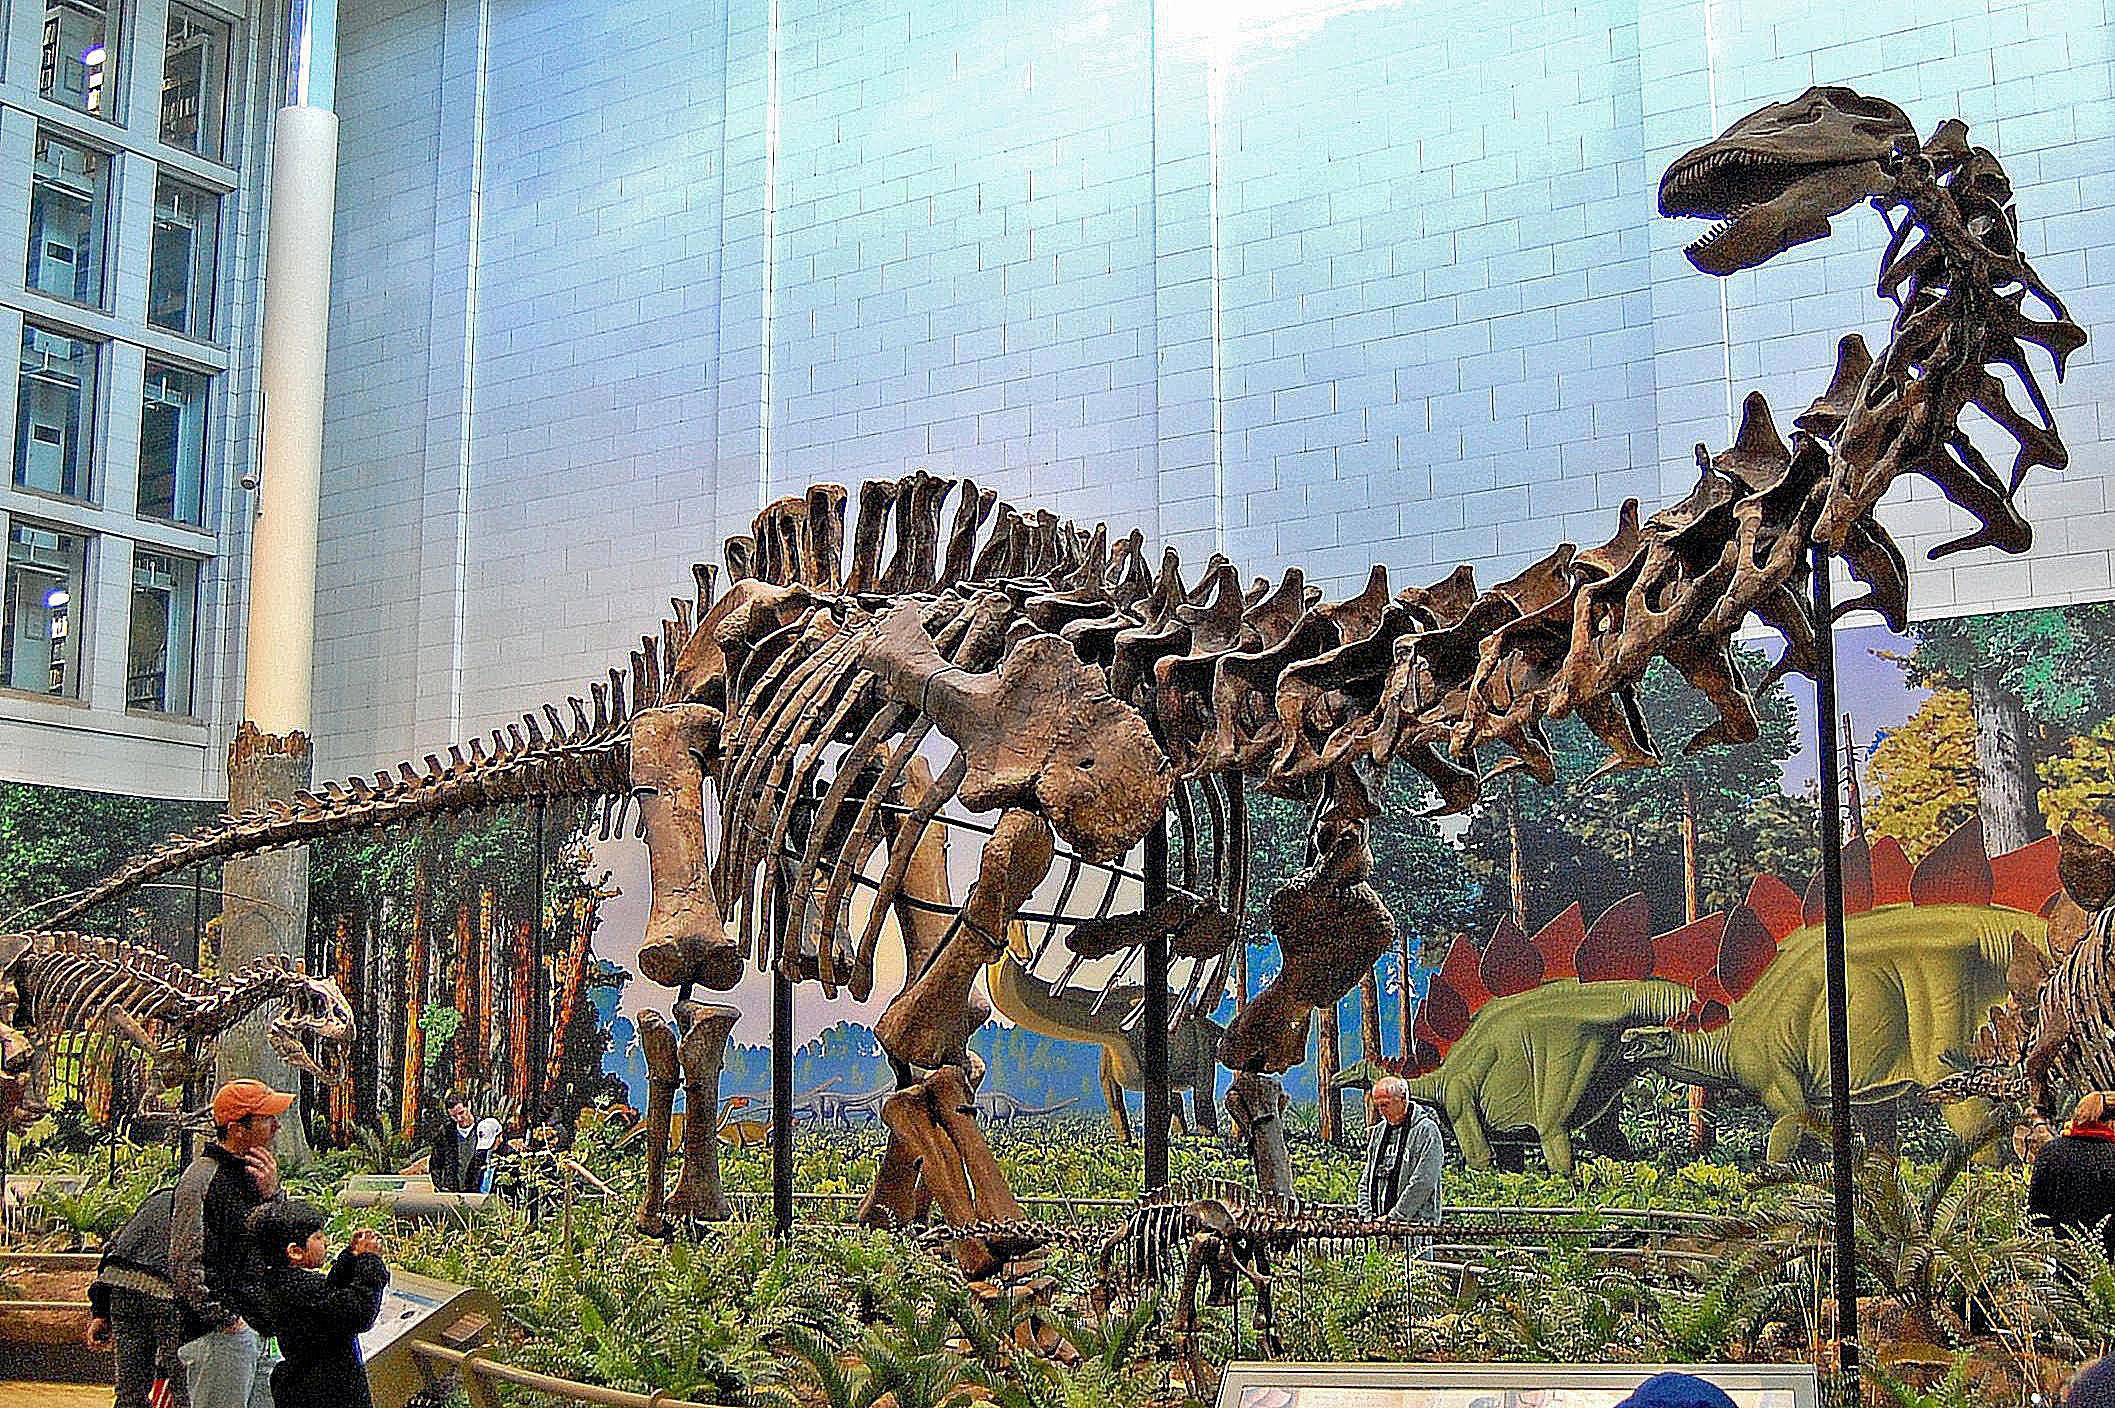 apatosaurus at a museum